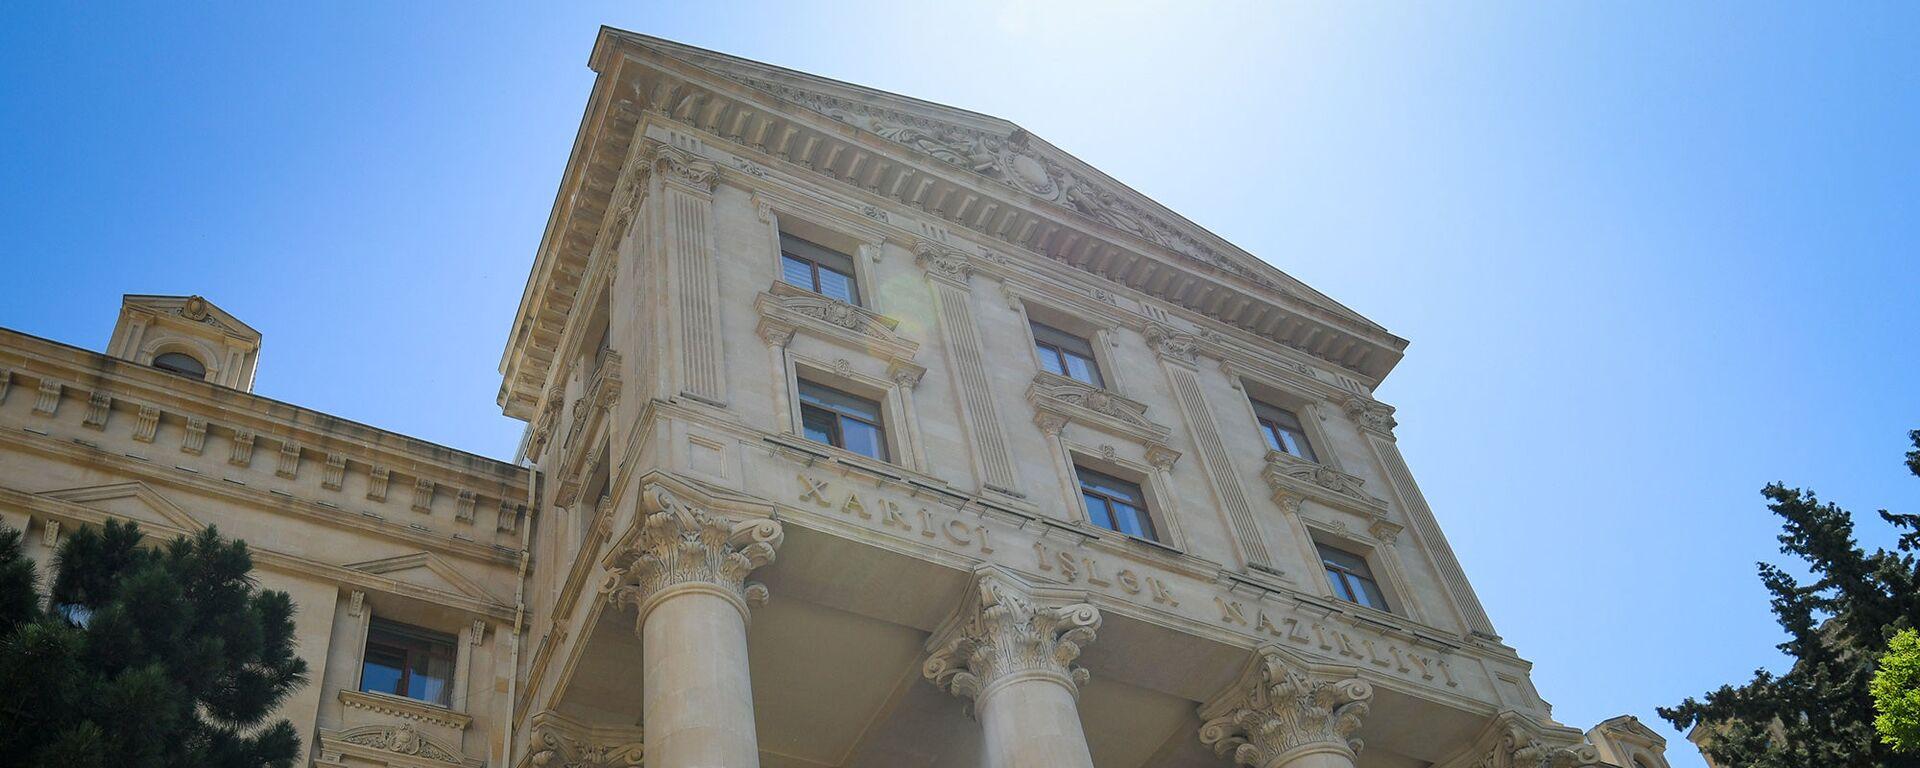 Здание Министерства иностранных дел Азербайджанской Республики в Баку - Sputnik Азербайджан, 1920, 23.03.2021